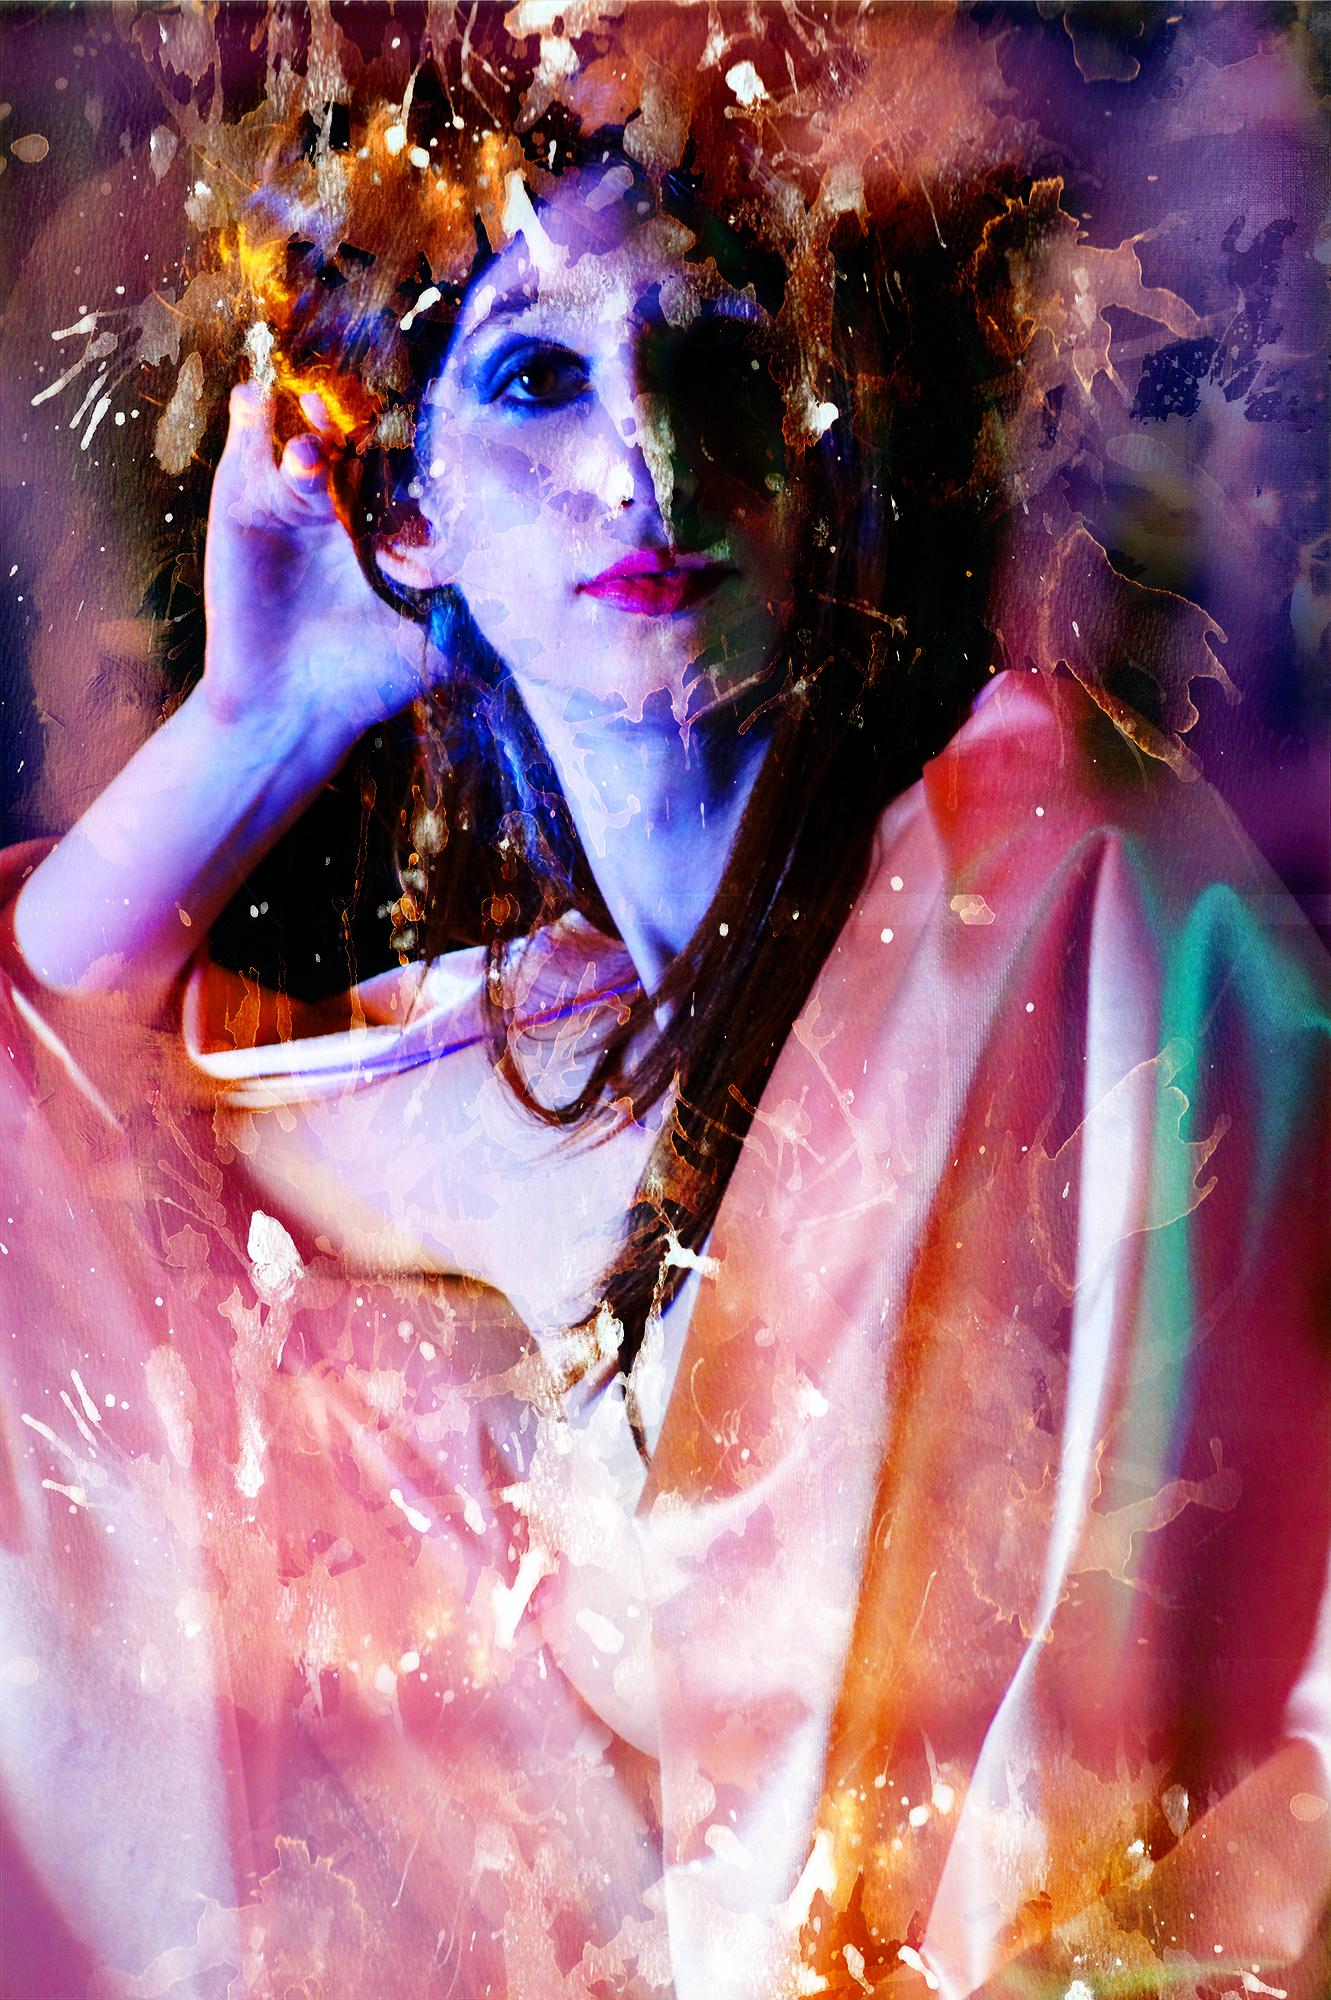 """Artwork """"The Queen"""" part of series """"The Girl Mirage"""" by Geena Matuson @geenamatuson #thegirlmirage. See more @ https://thegirlmirage.com."""